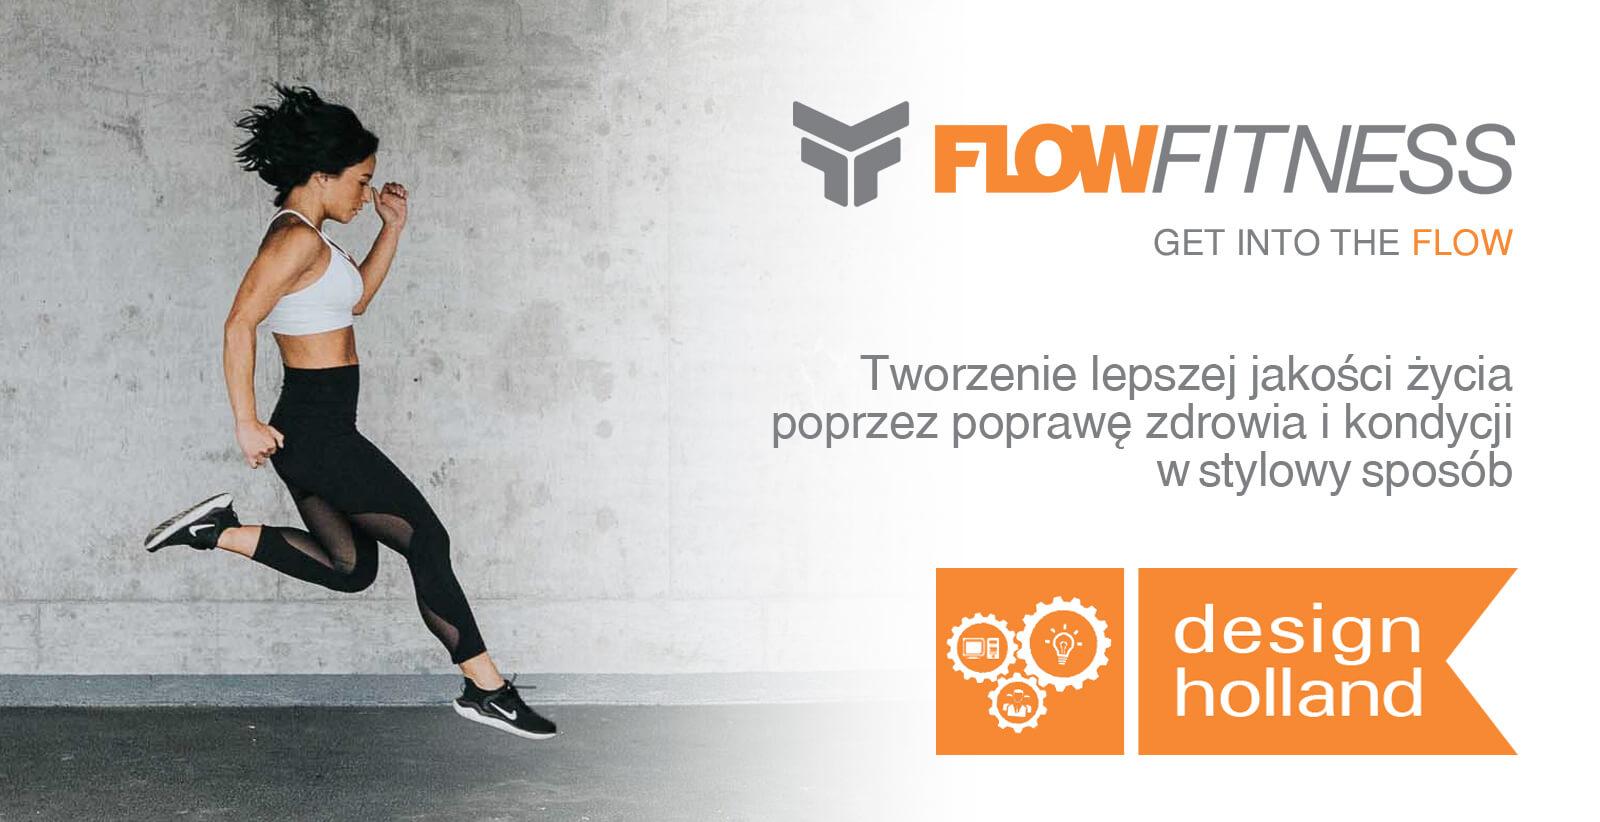 flowfitness-baner-slogan-01.jpg